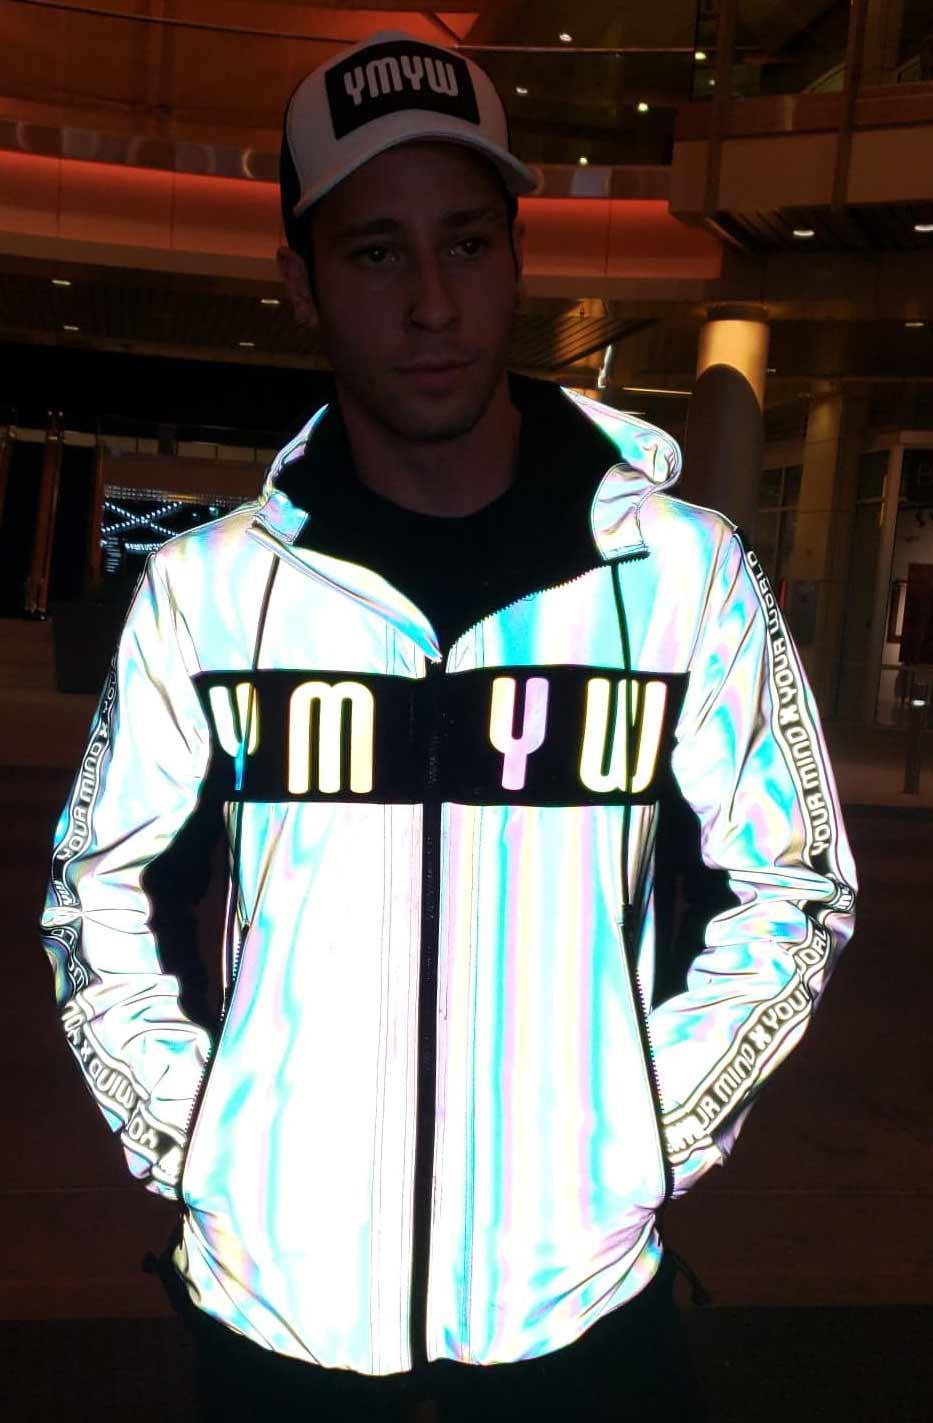 xeno jacket